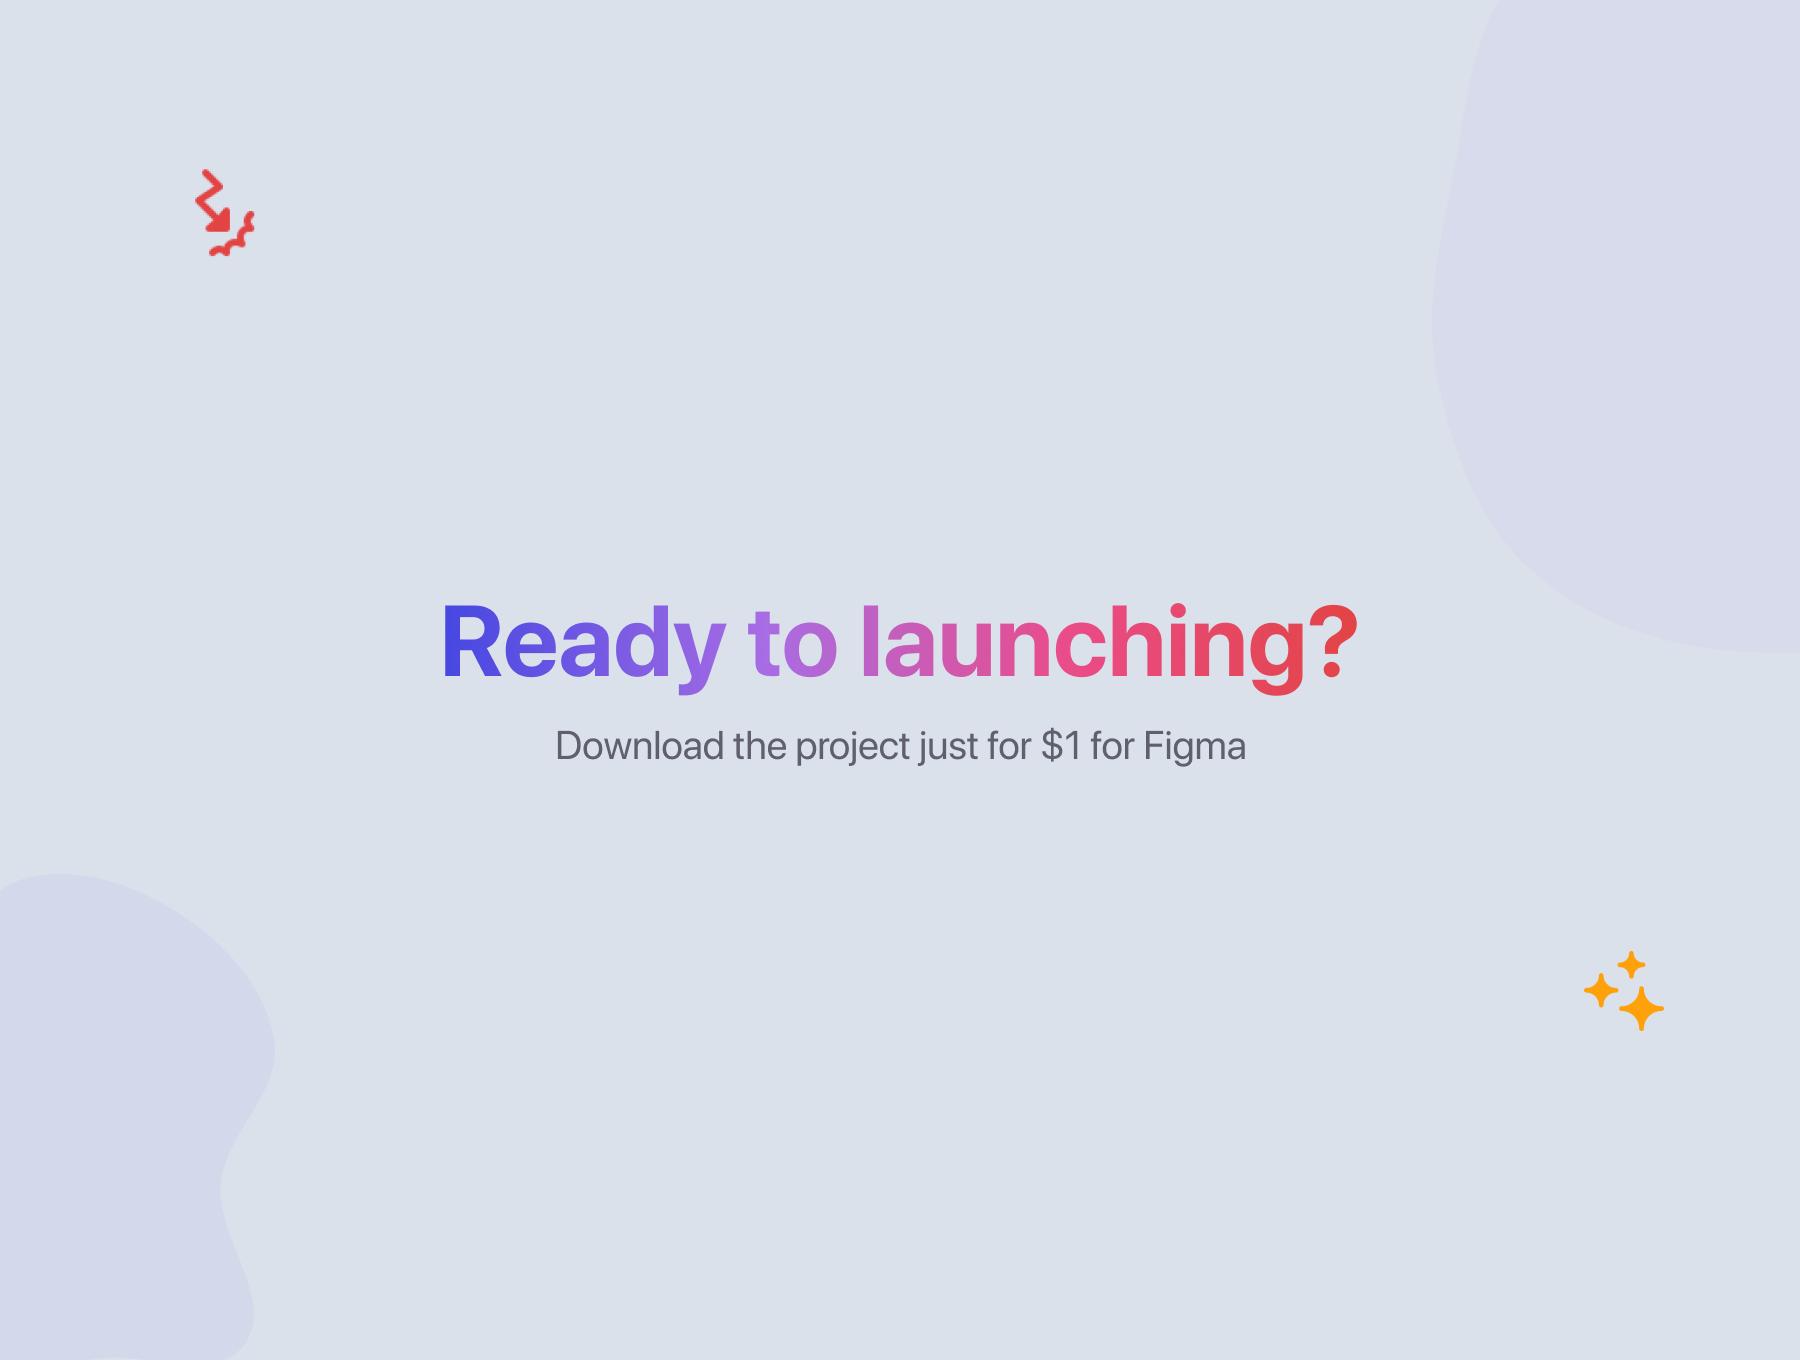 多功能设计作品集网站WEB界面设计UI套件素材 Web Service – UI Kit插图5